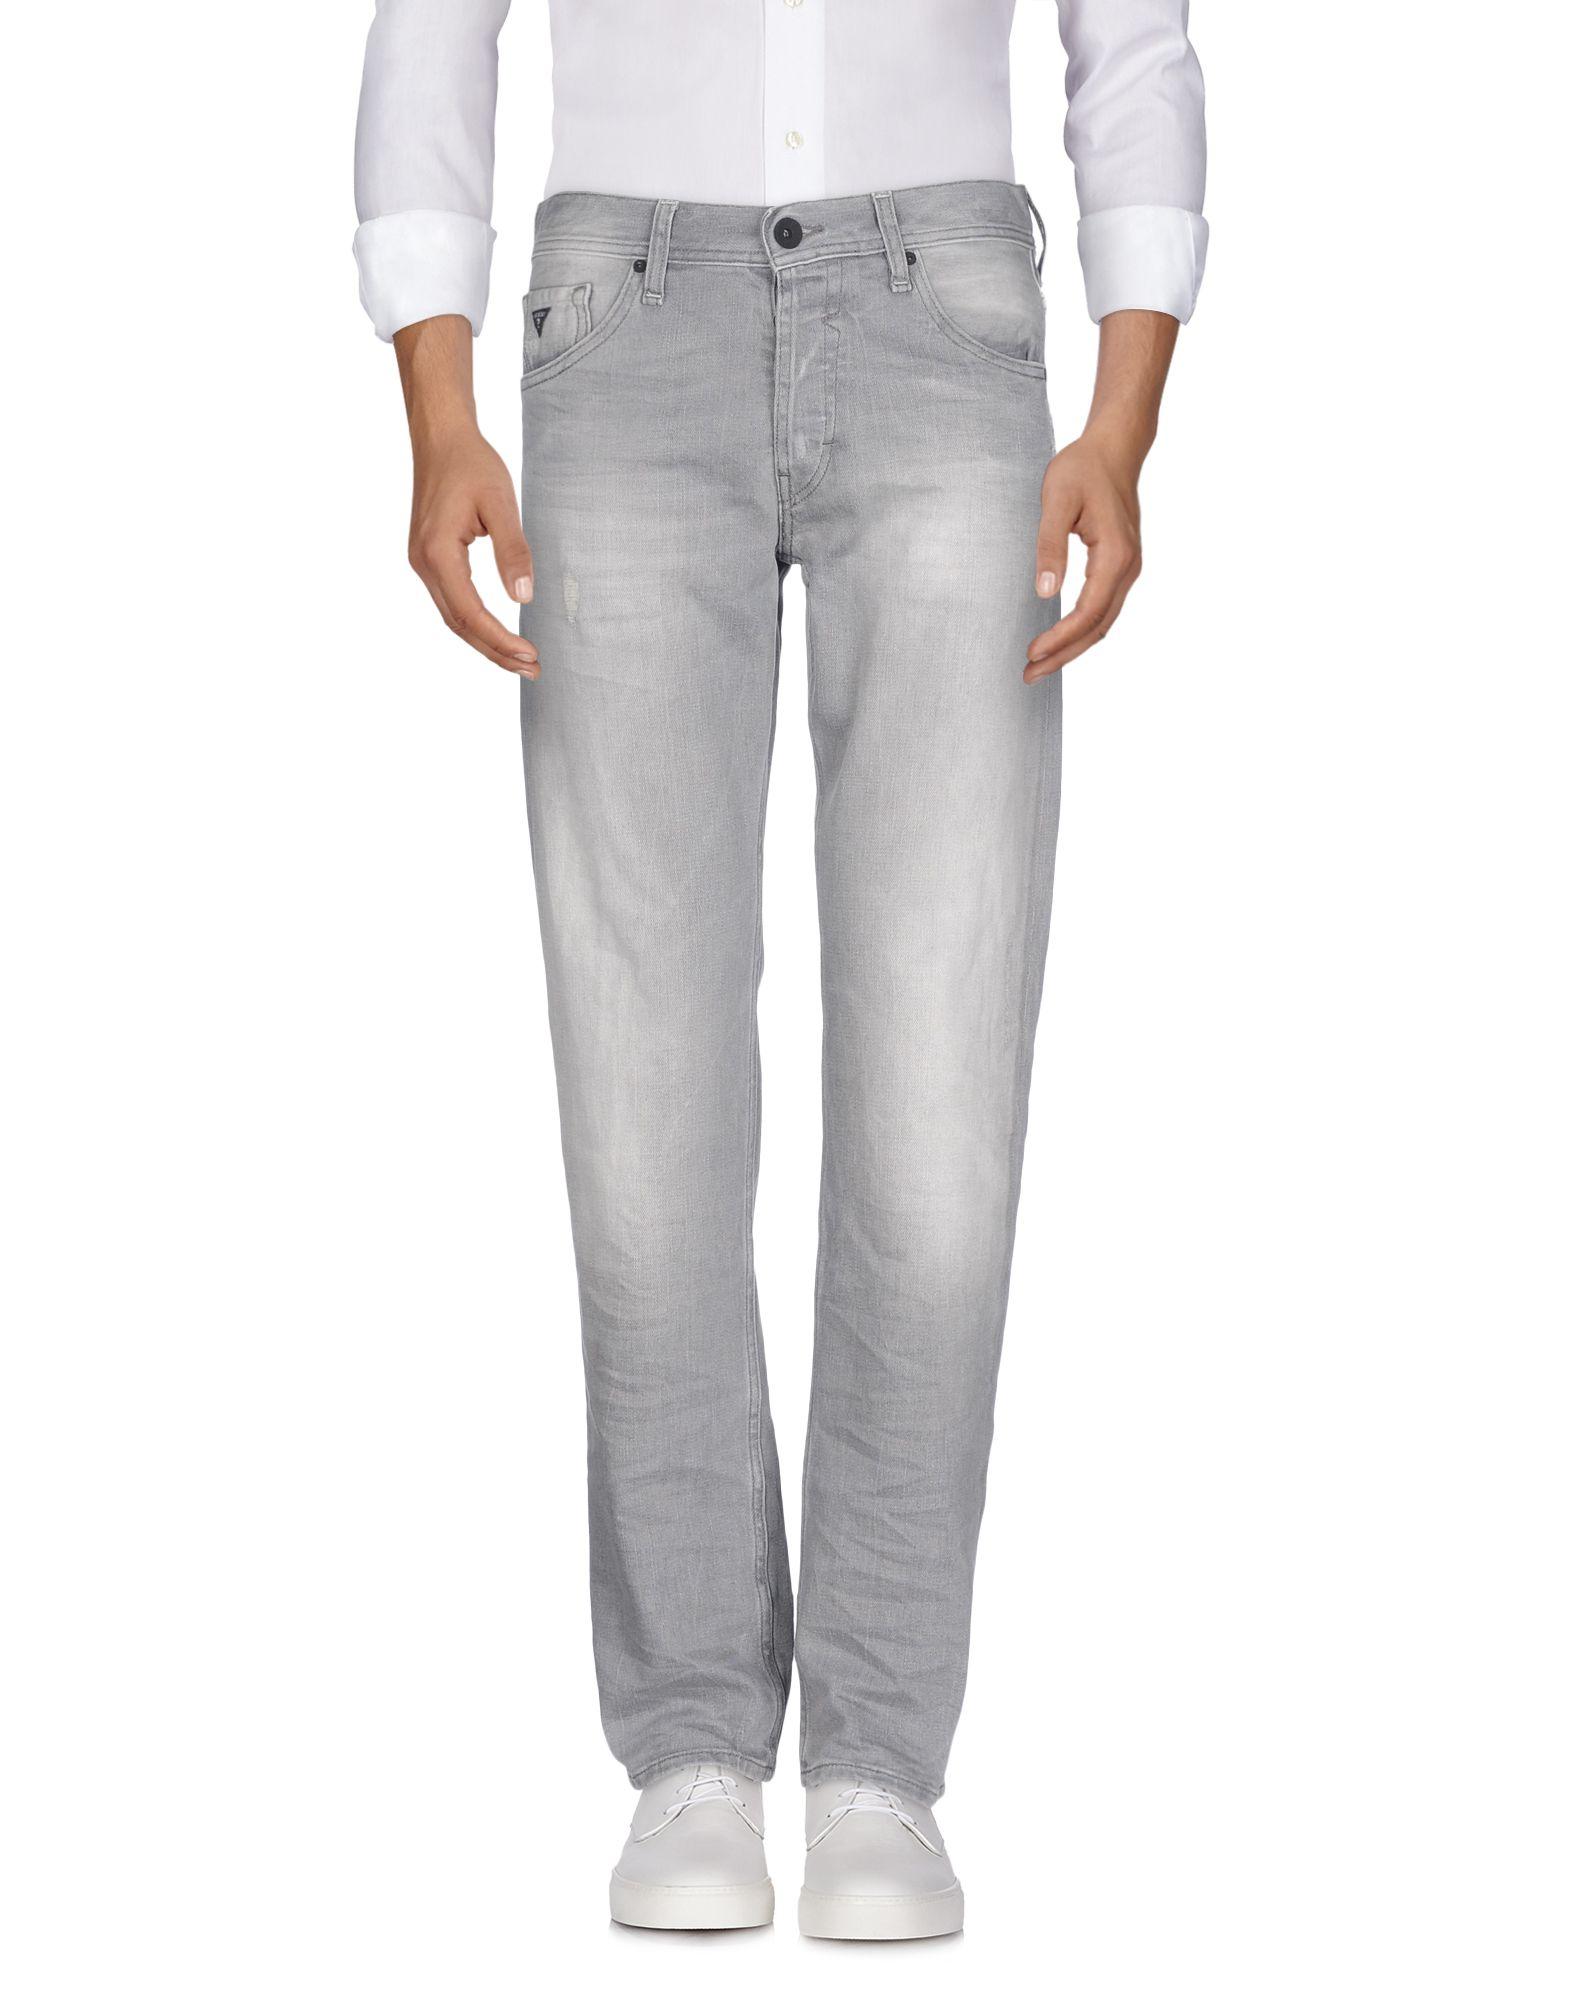 Pantaloni Jeans Guess Guess Jeans Uomo - 42657267KO 274106